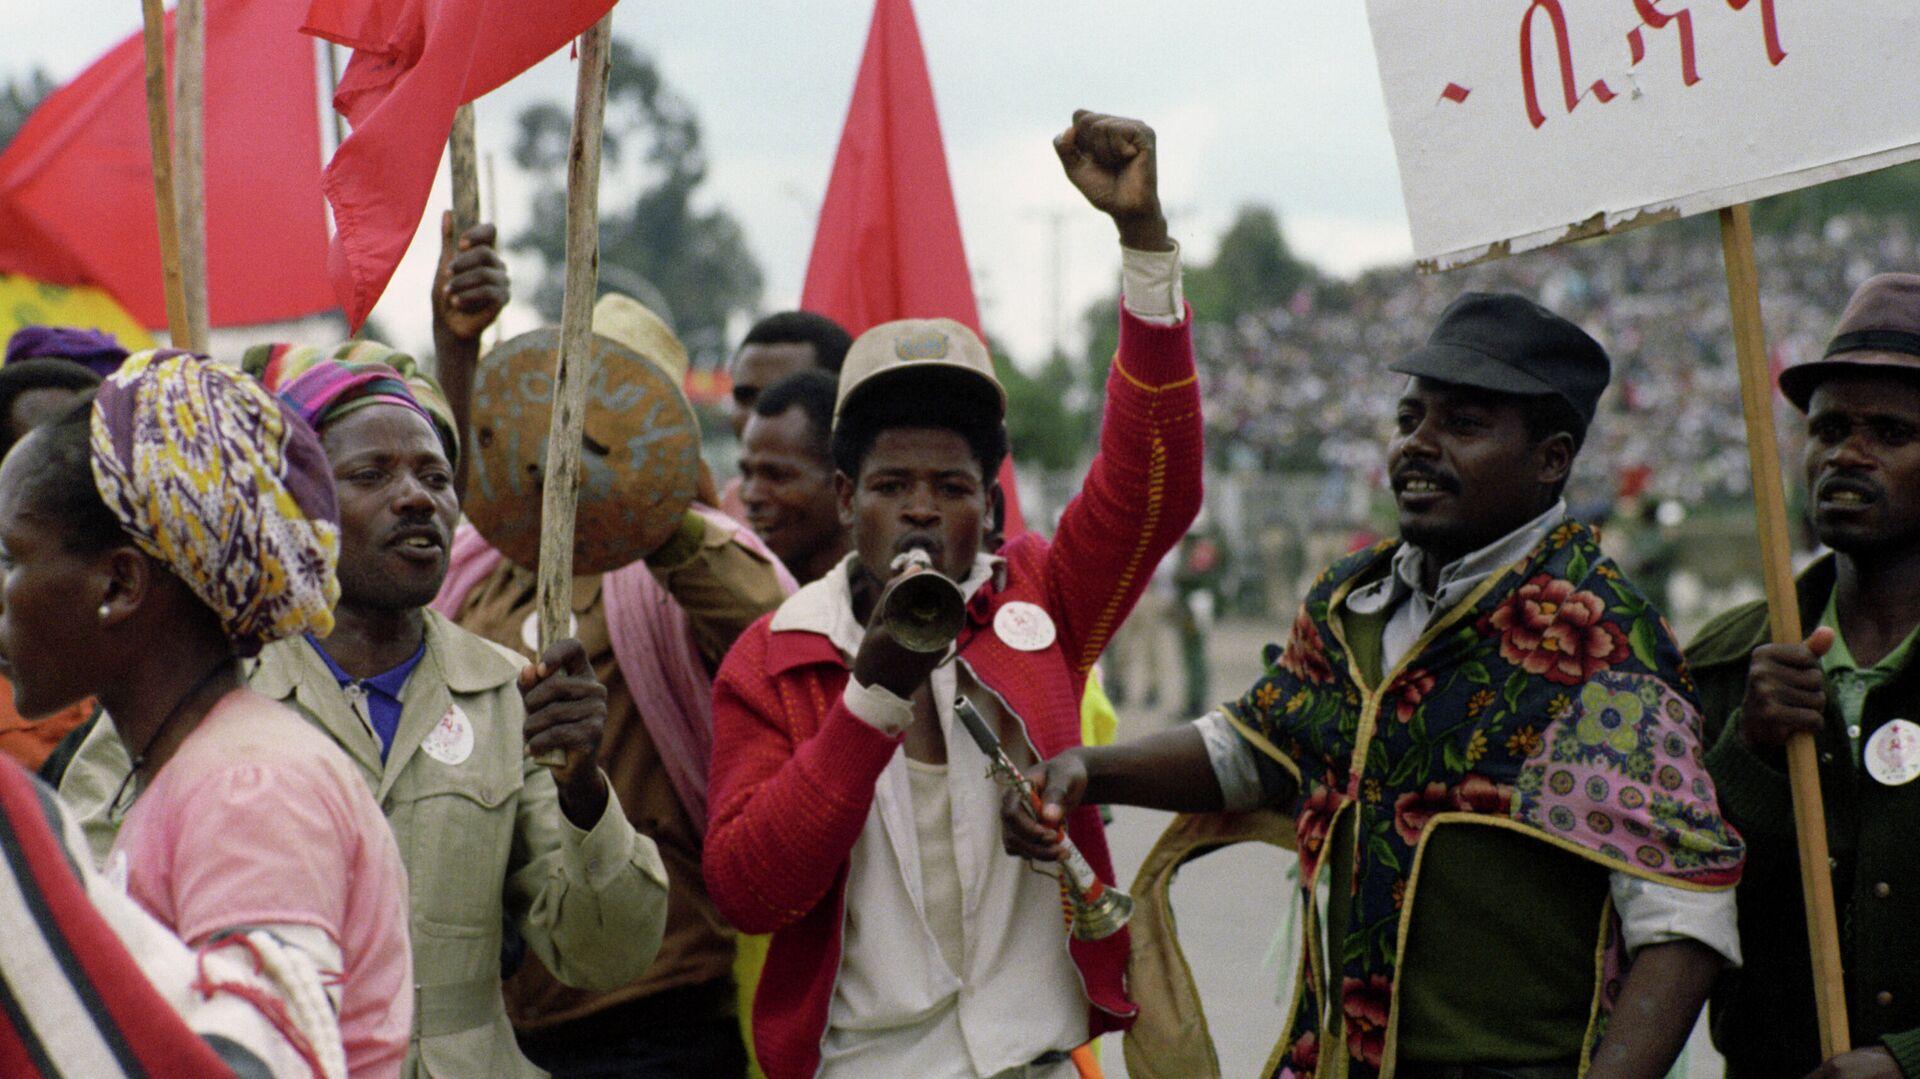 Celebración del Día de la Revolución en la Etiopía socialista (archivo) - Sputnik Mundo, 1920, 26.02.2021